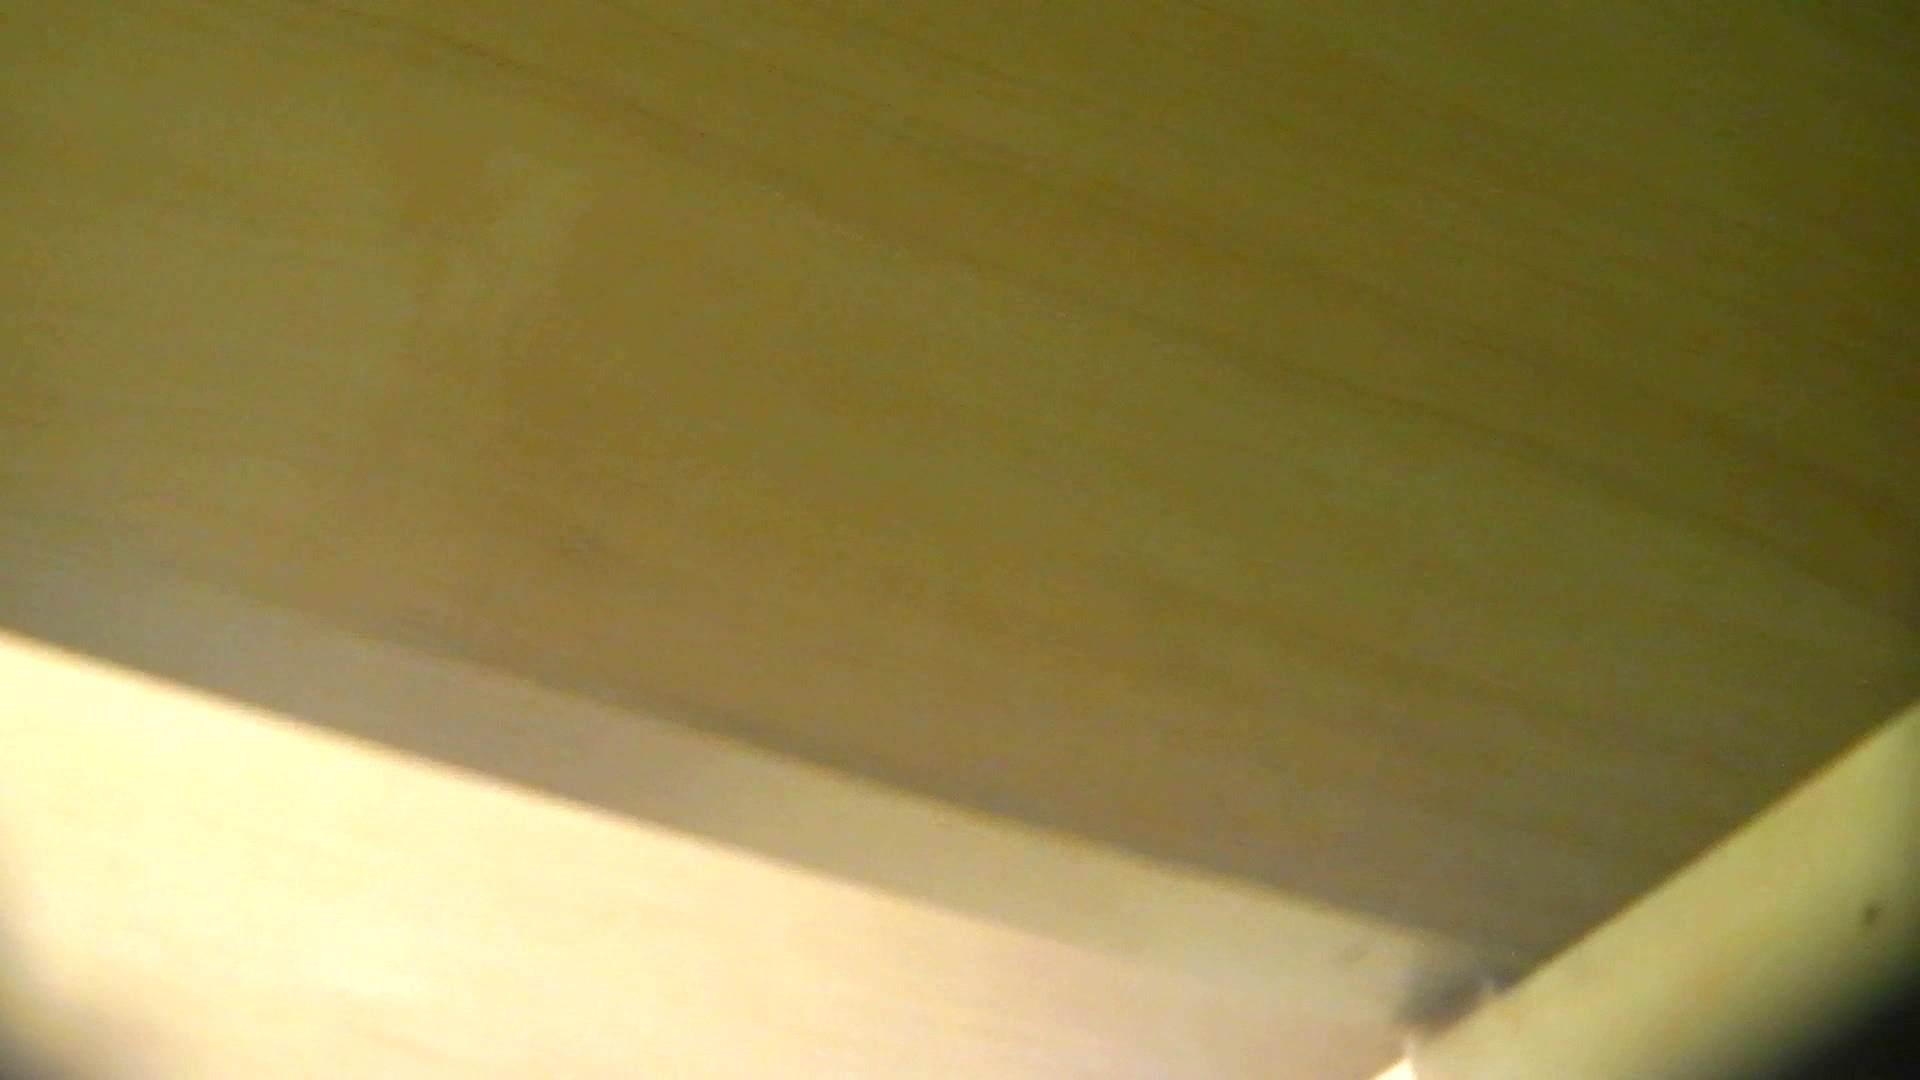 阿国ちゃんの「和式洋式七変化」No.13 丸見え ぱこり動画紹介 46画像 39